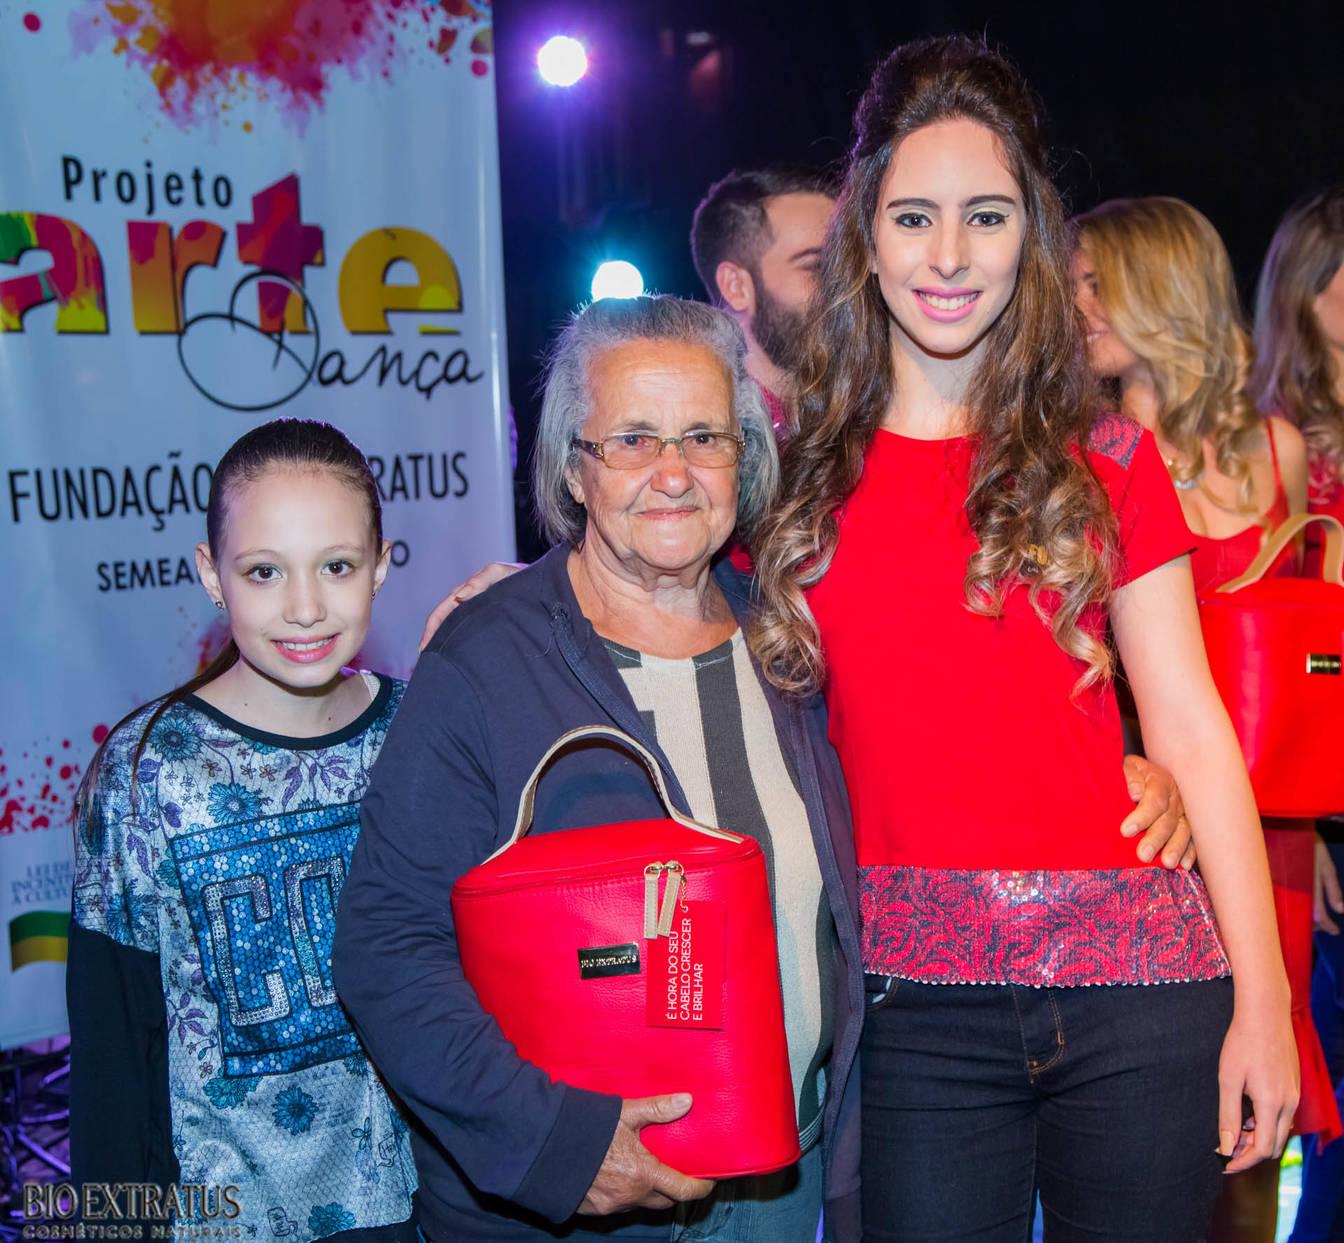 Projeto Arte & Dança da Fundação Bio Extratus brilha no Festival Cultural de Alvinópolis - 23